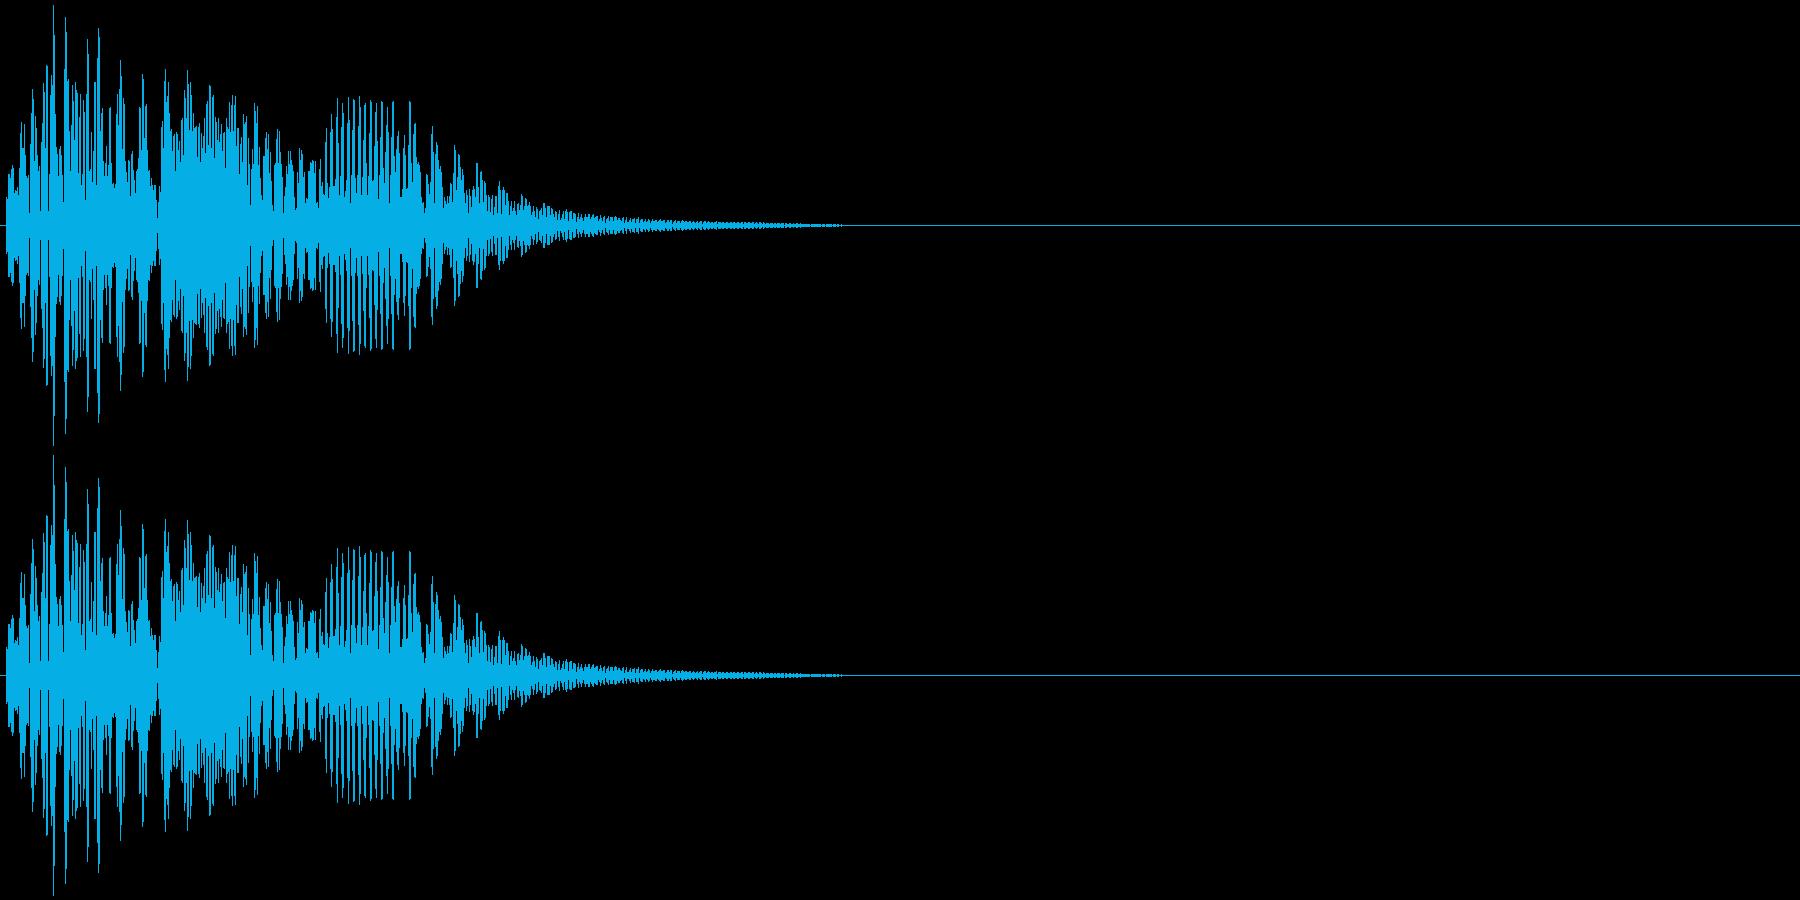 決定・アイテム取得・選択音・ピコンの再生済みの波形